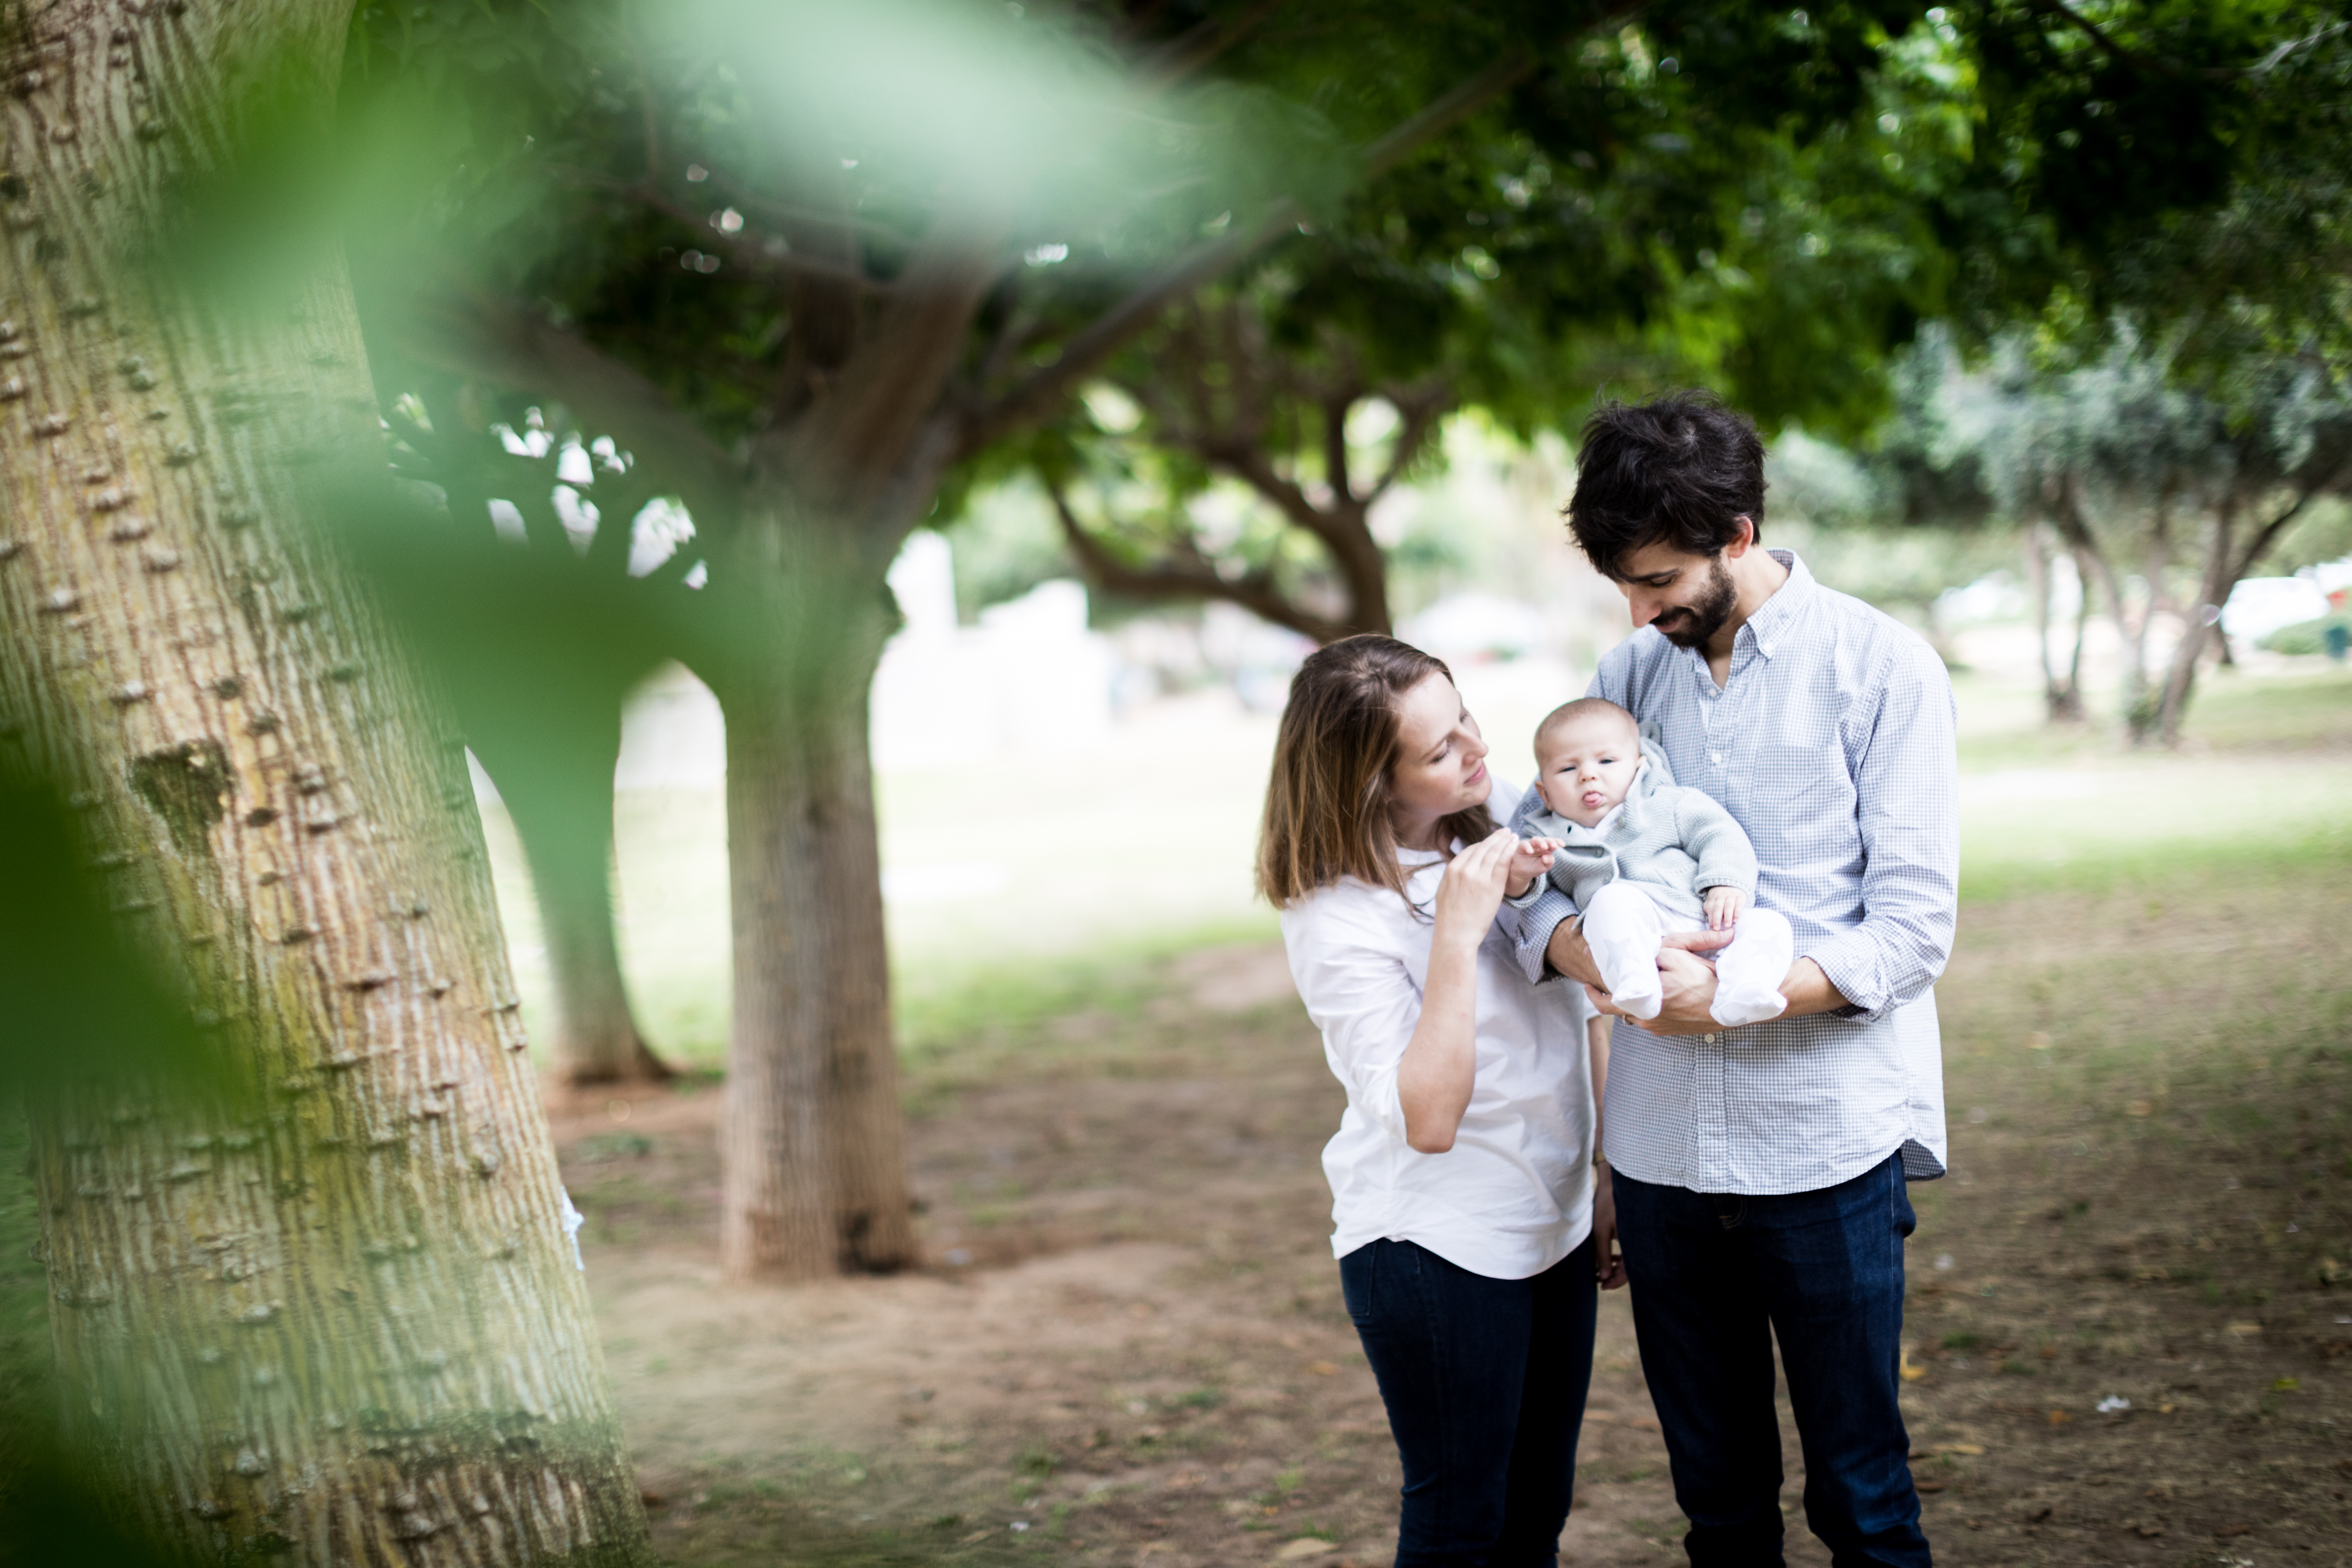 Flavia Family Photoshoot 2018,04,21, by